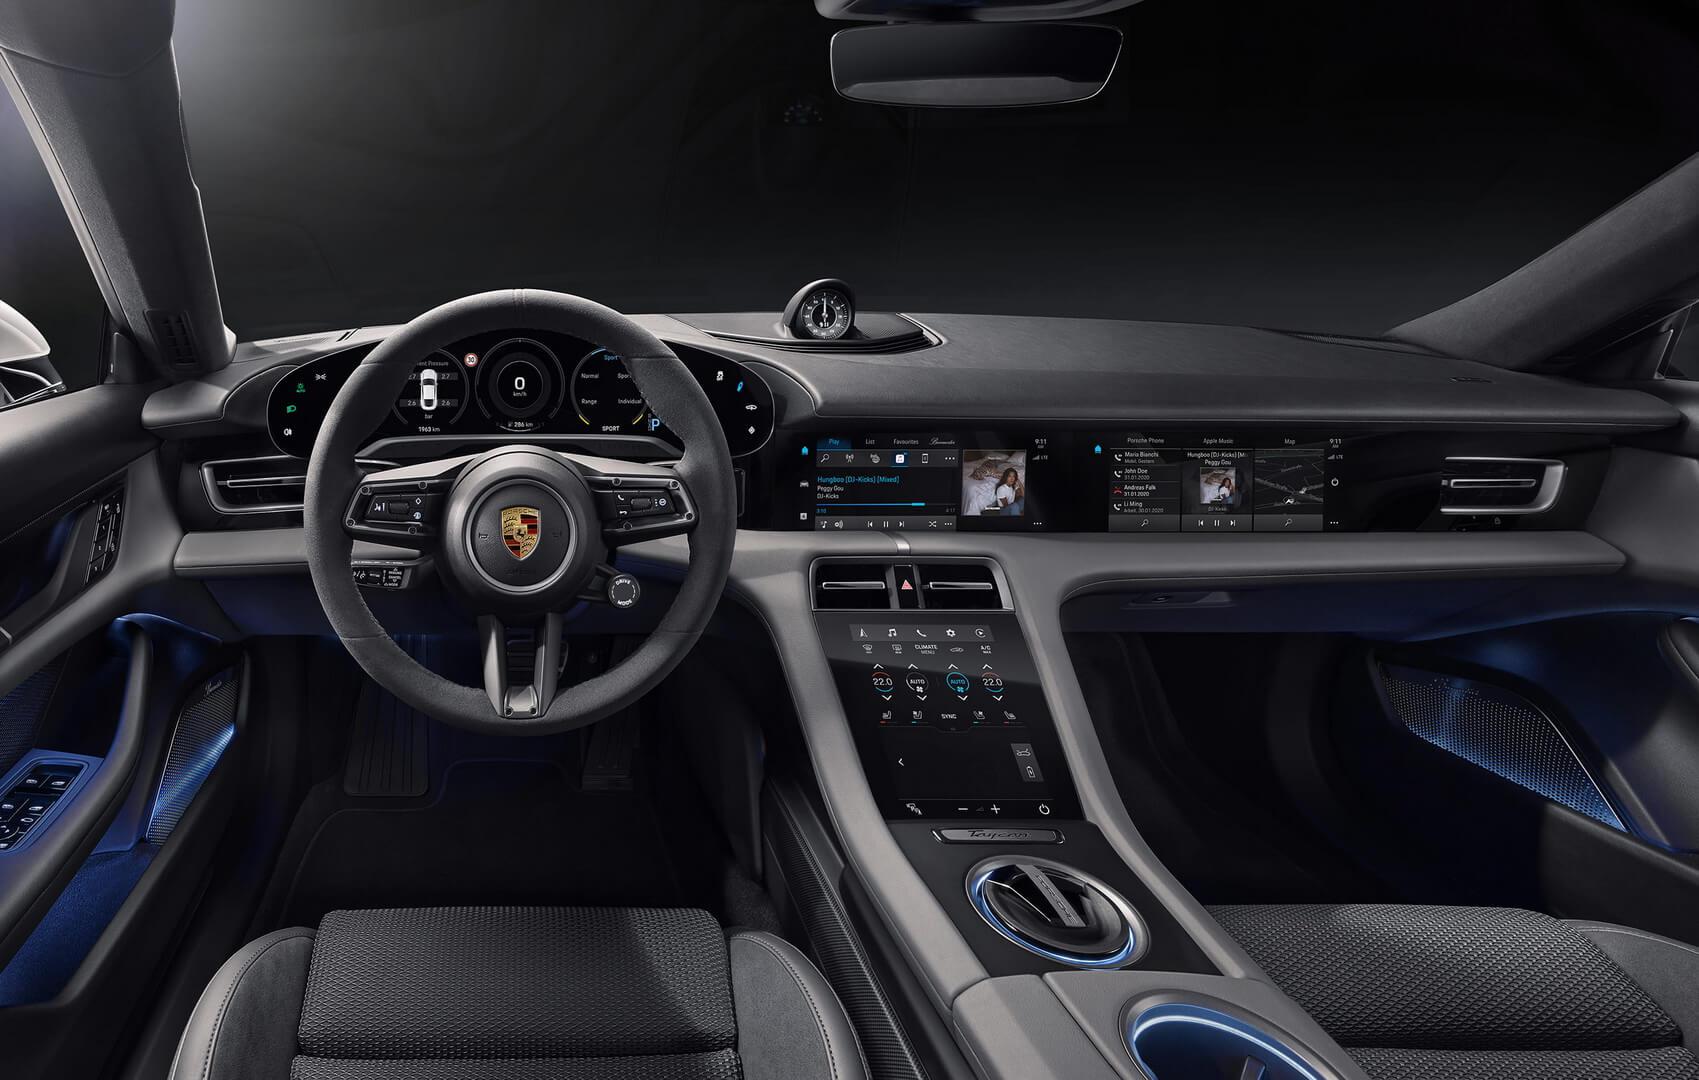 Раскрыт интерьер будущего электромобиля Porsche Taycan